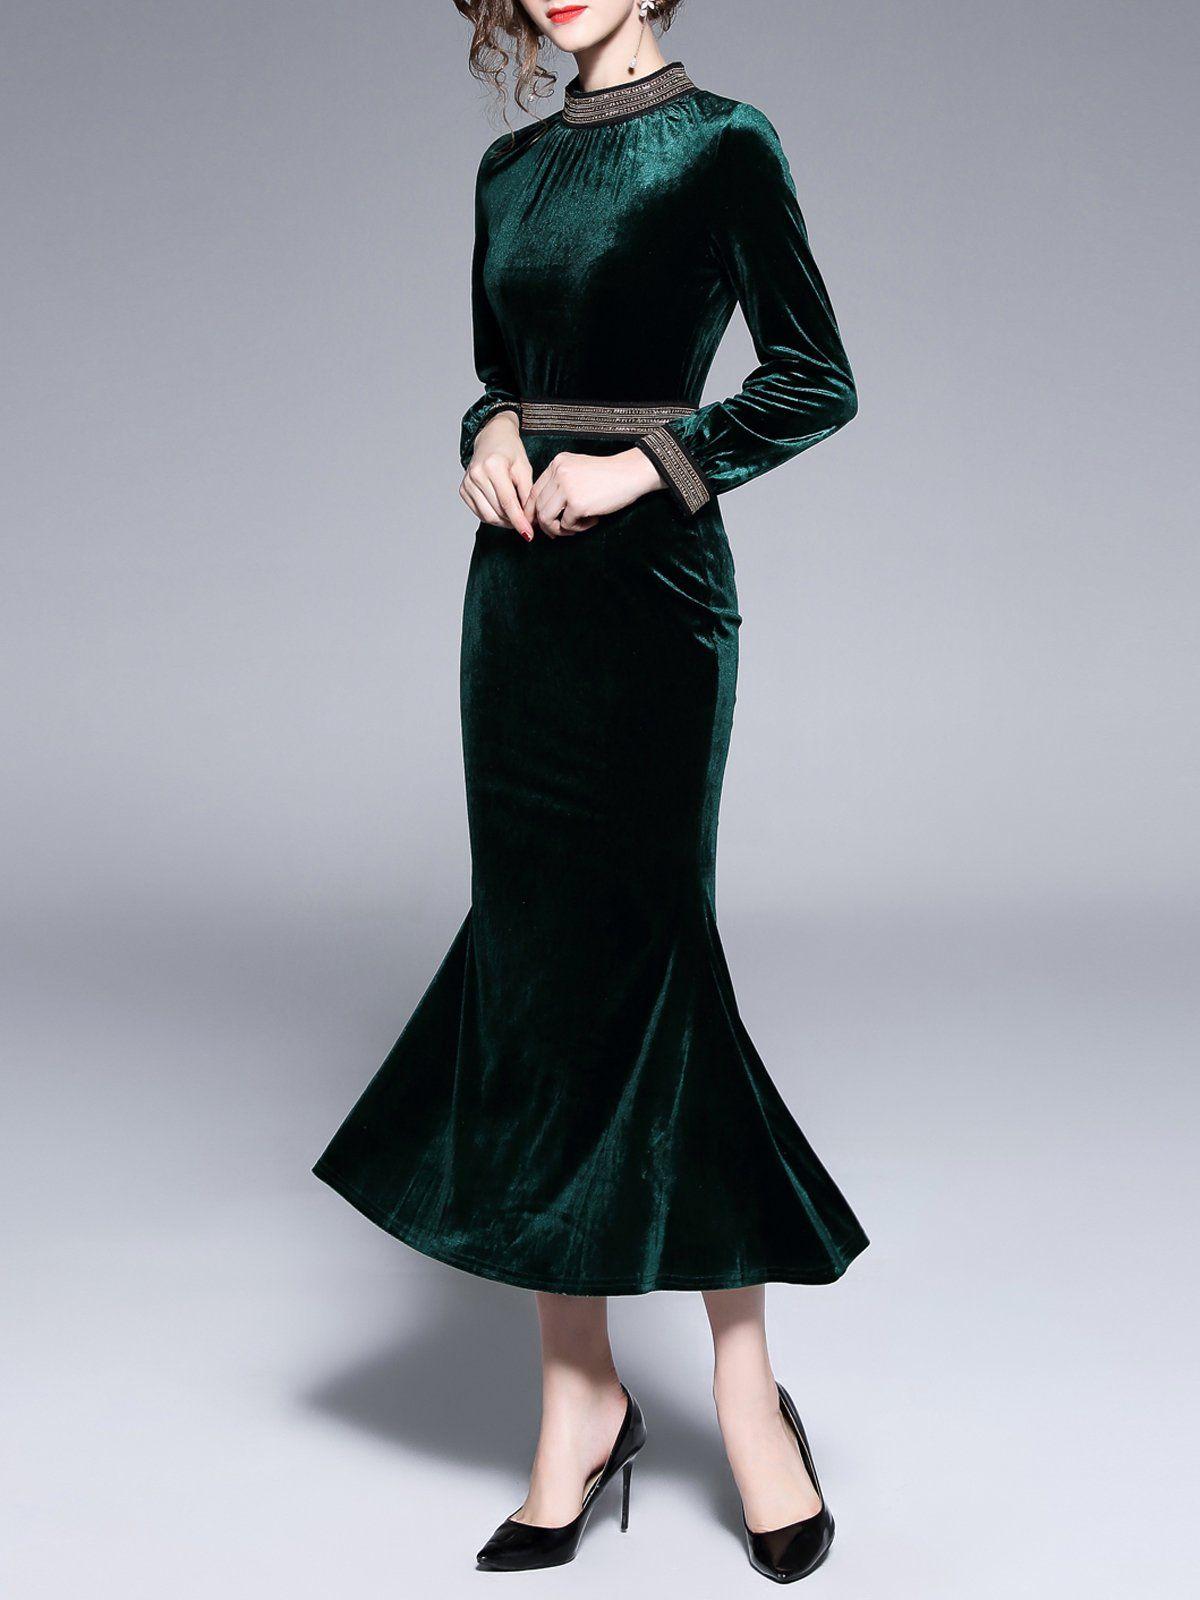 Dark Green Velvet Standing Collar Dress Green Velvet Dress Green Velvet Skirt Dresses [ 1600 x 1200 Pixel ]